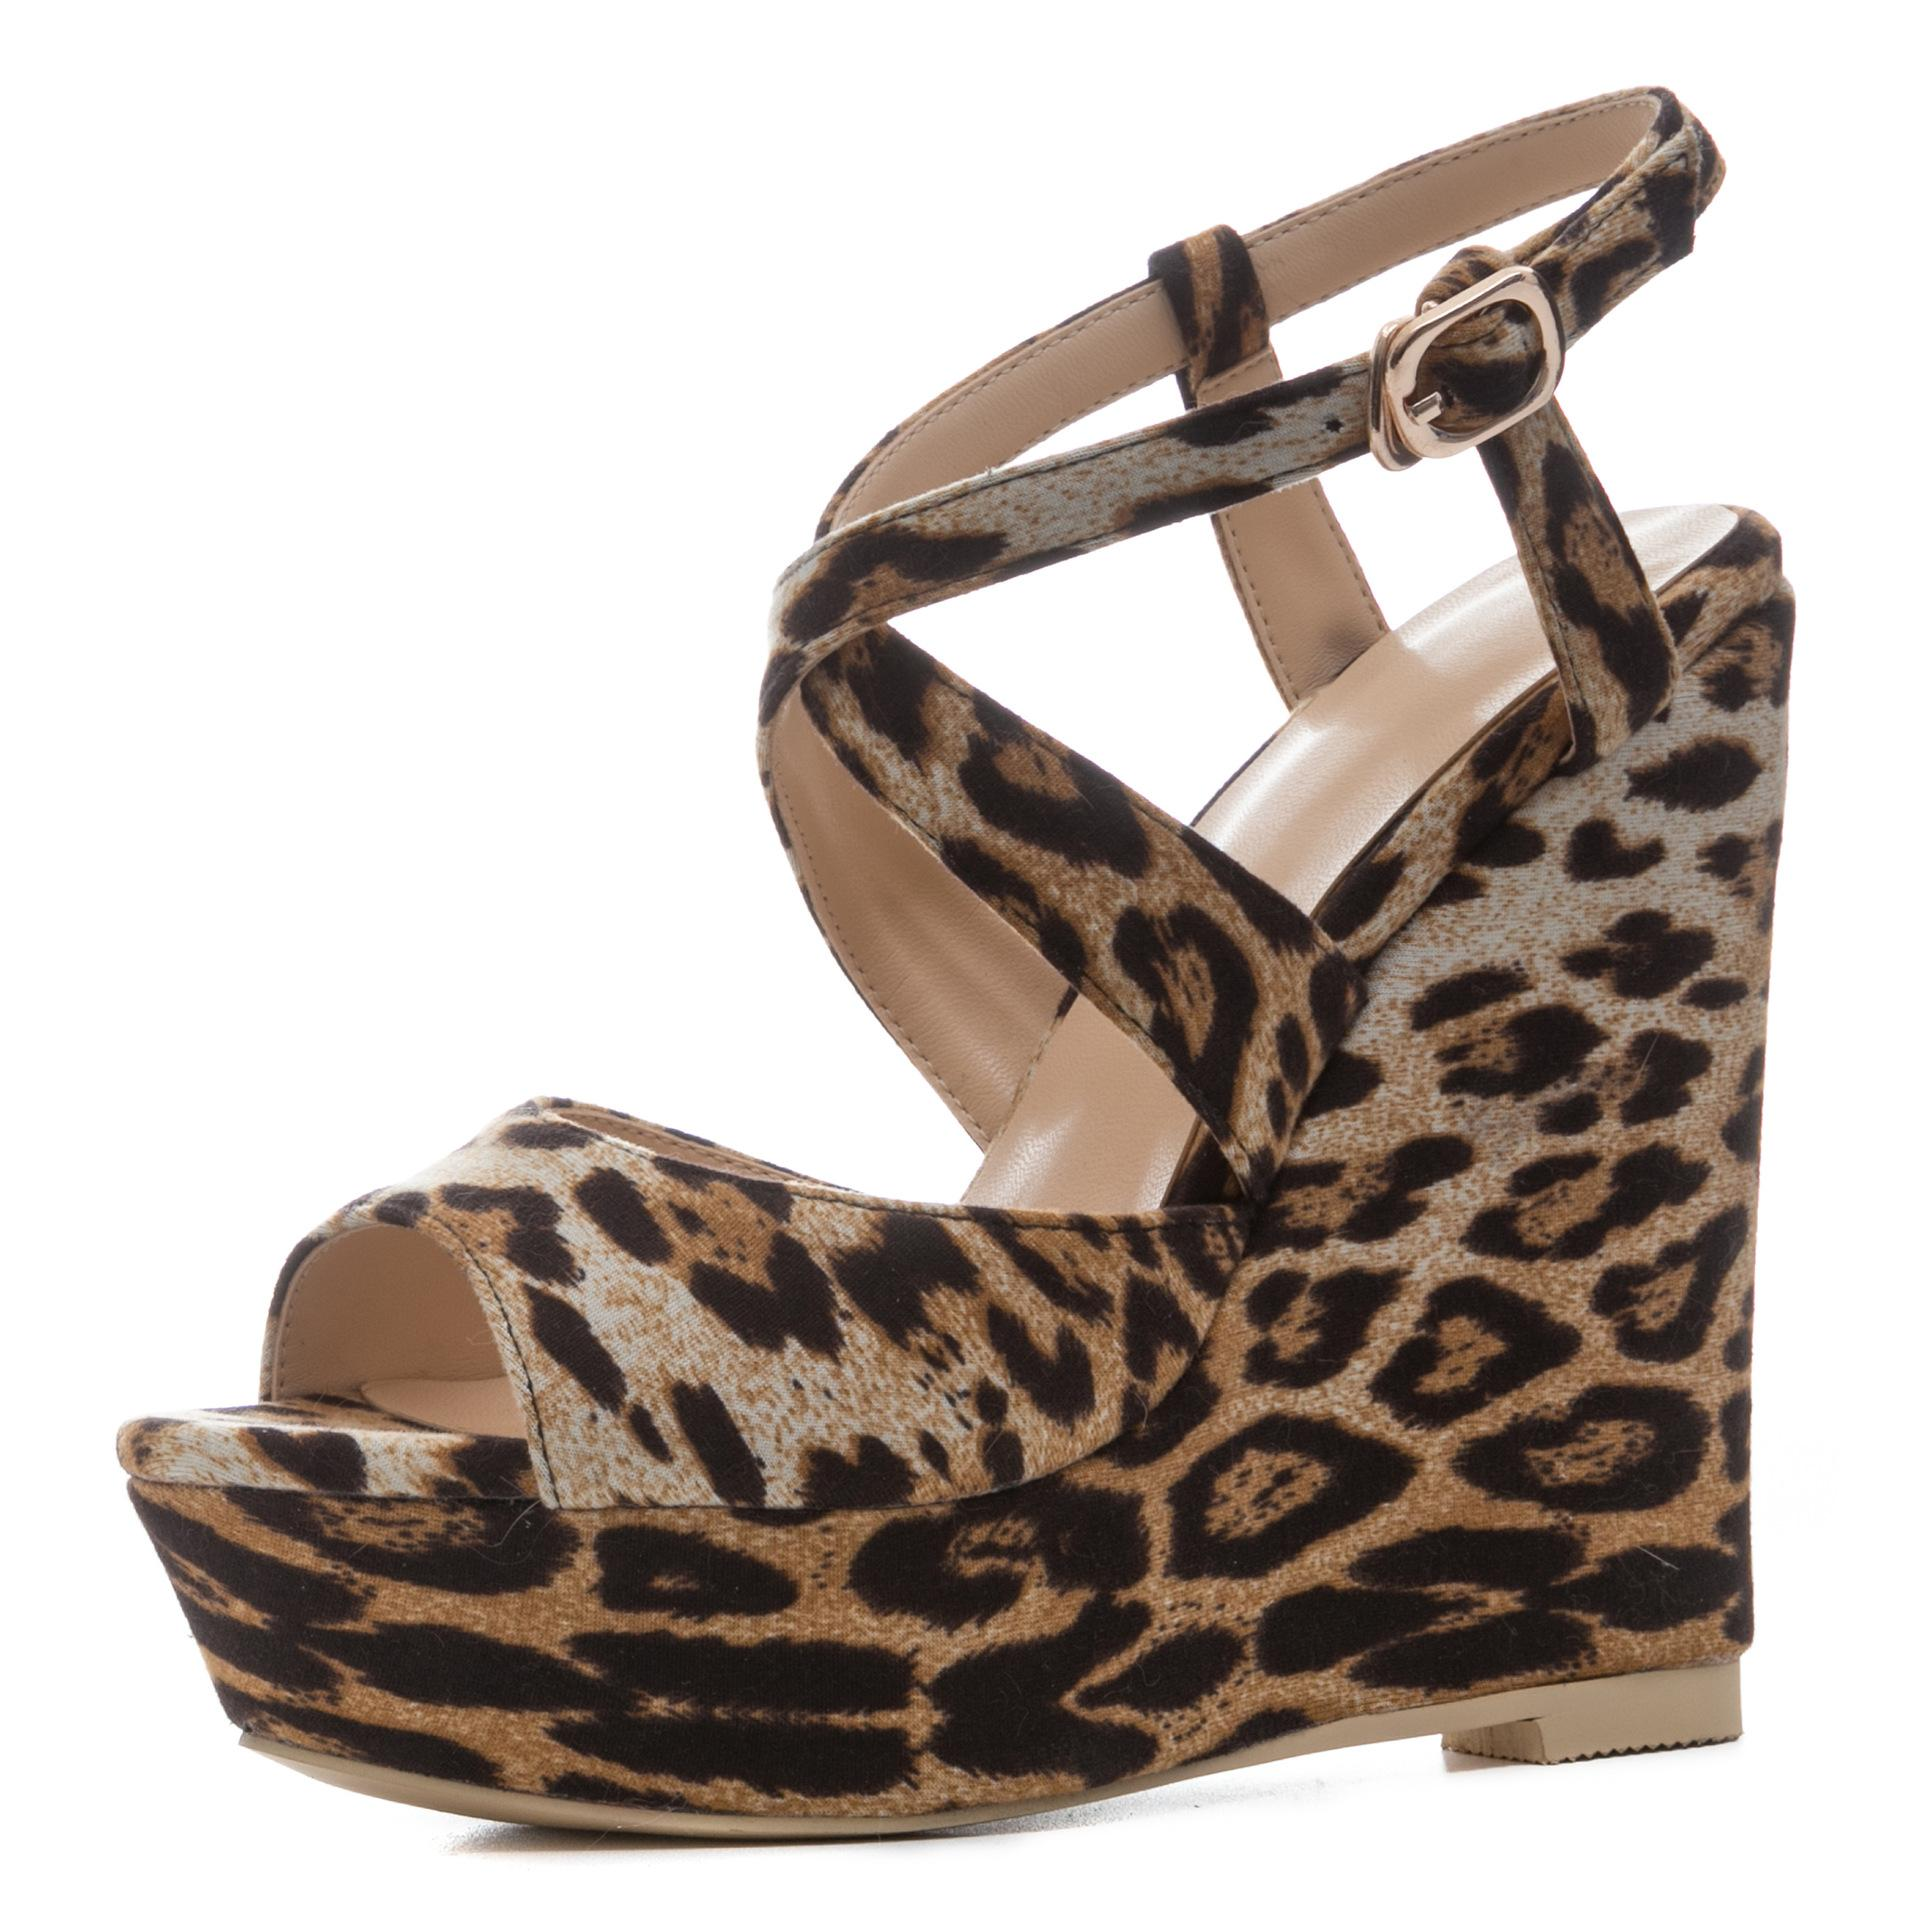 2ec1fef43f Compre Cunha Mulheres Sandálias Zapatos Mujer Moda Verão Sapatos De  Plataforma Leopardo Sexy Cross Strap Salto Alto Mulheres Sandálias Sandalias  De Yigu009